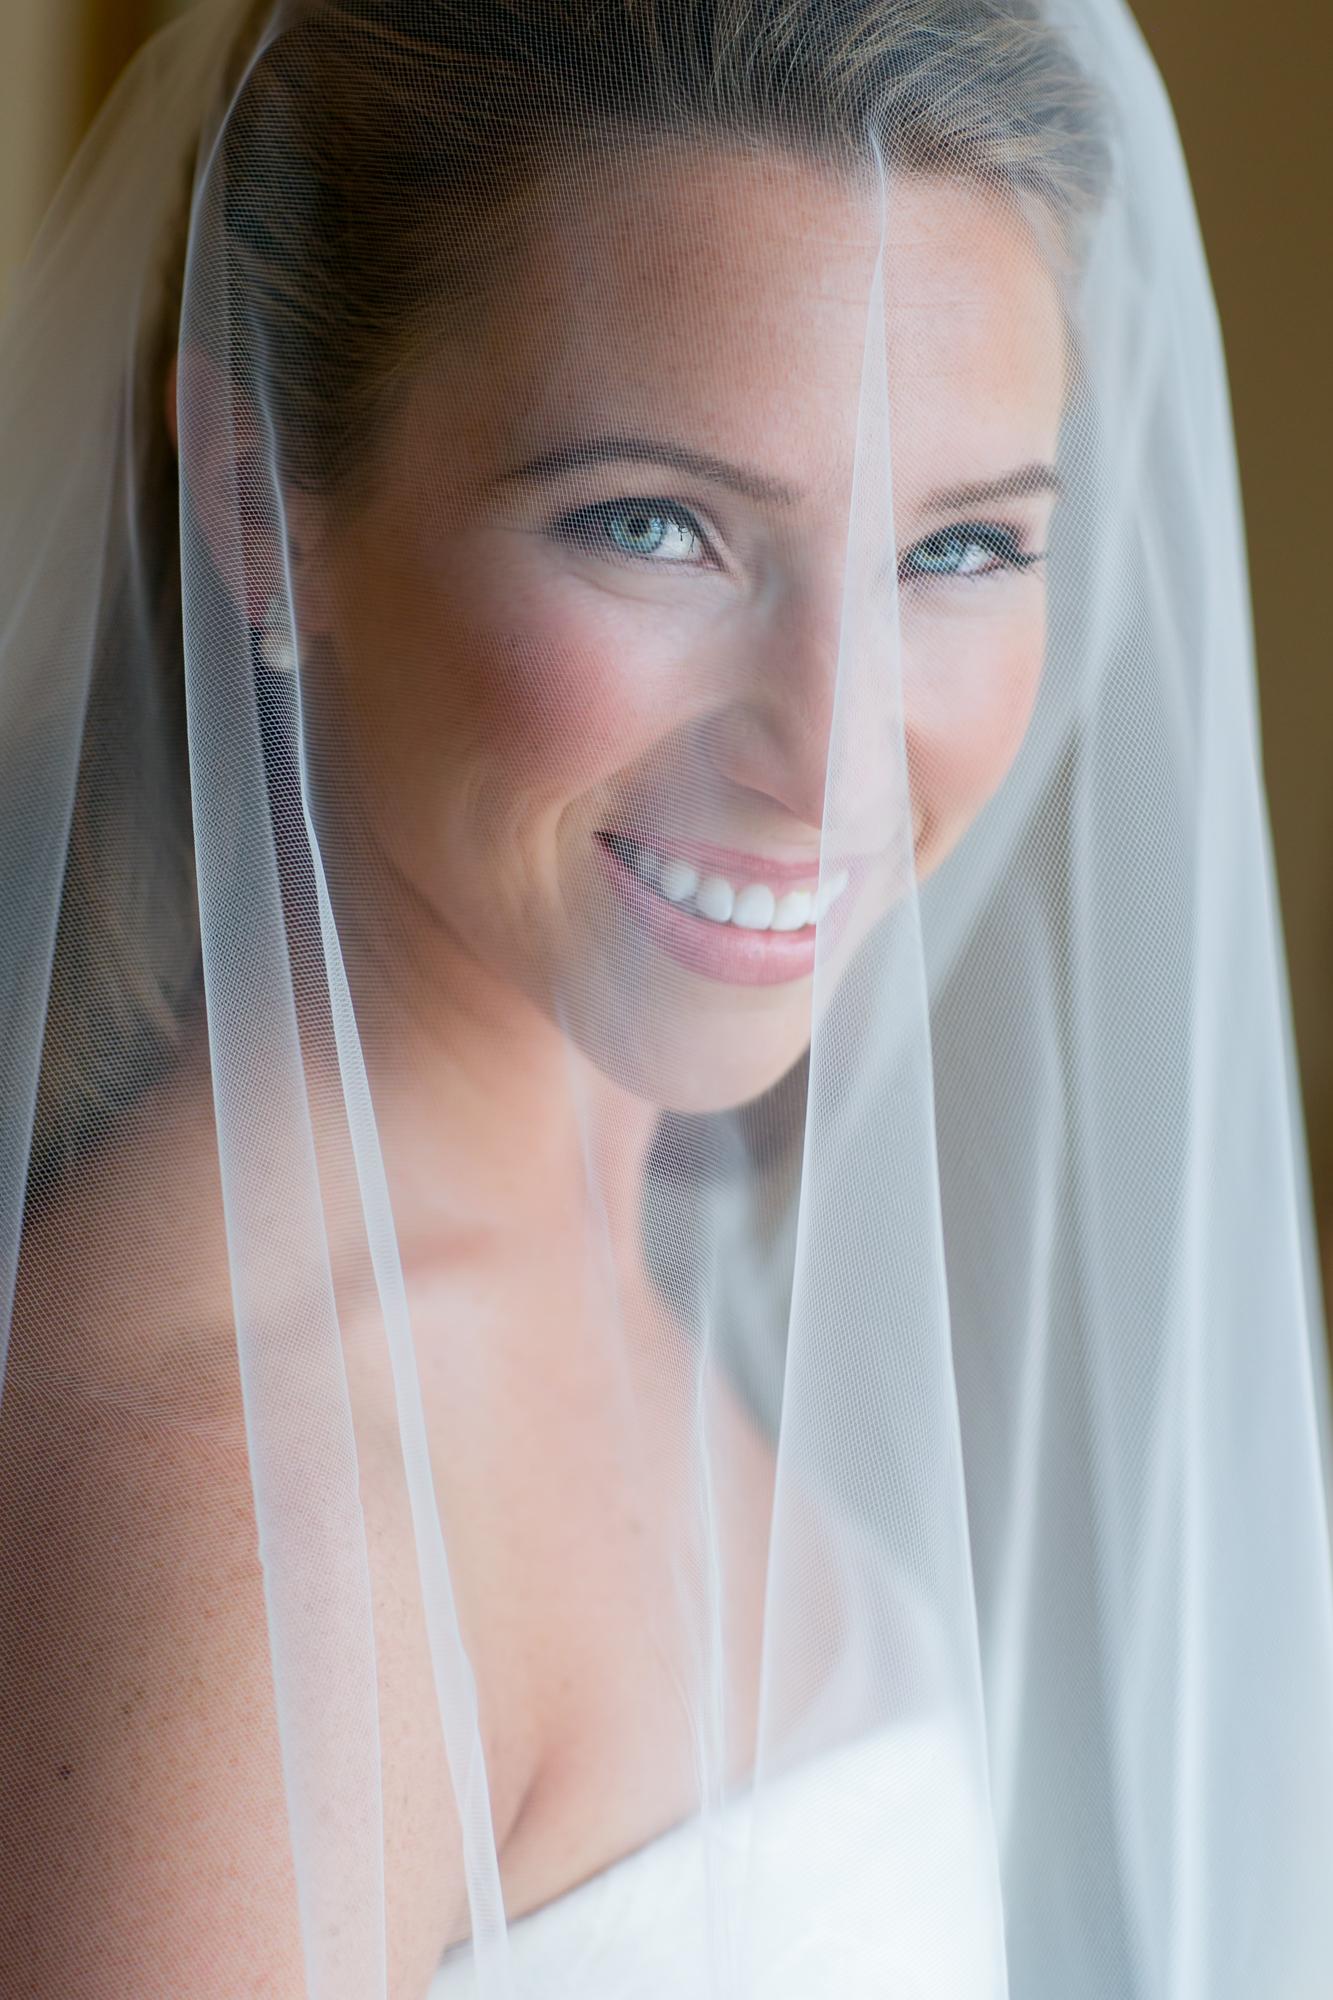 20131012_2013.10.12_LedsingerOtis_Wedding_website_UD9A3506 copy.jpg